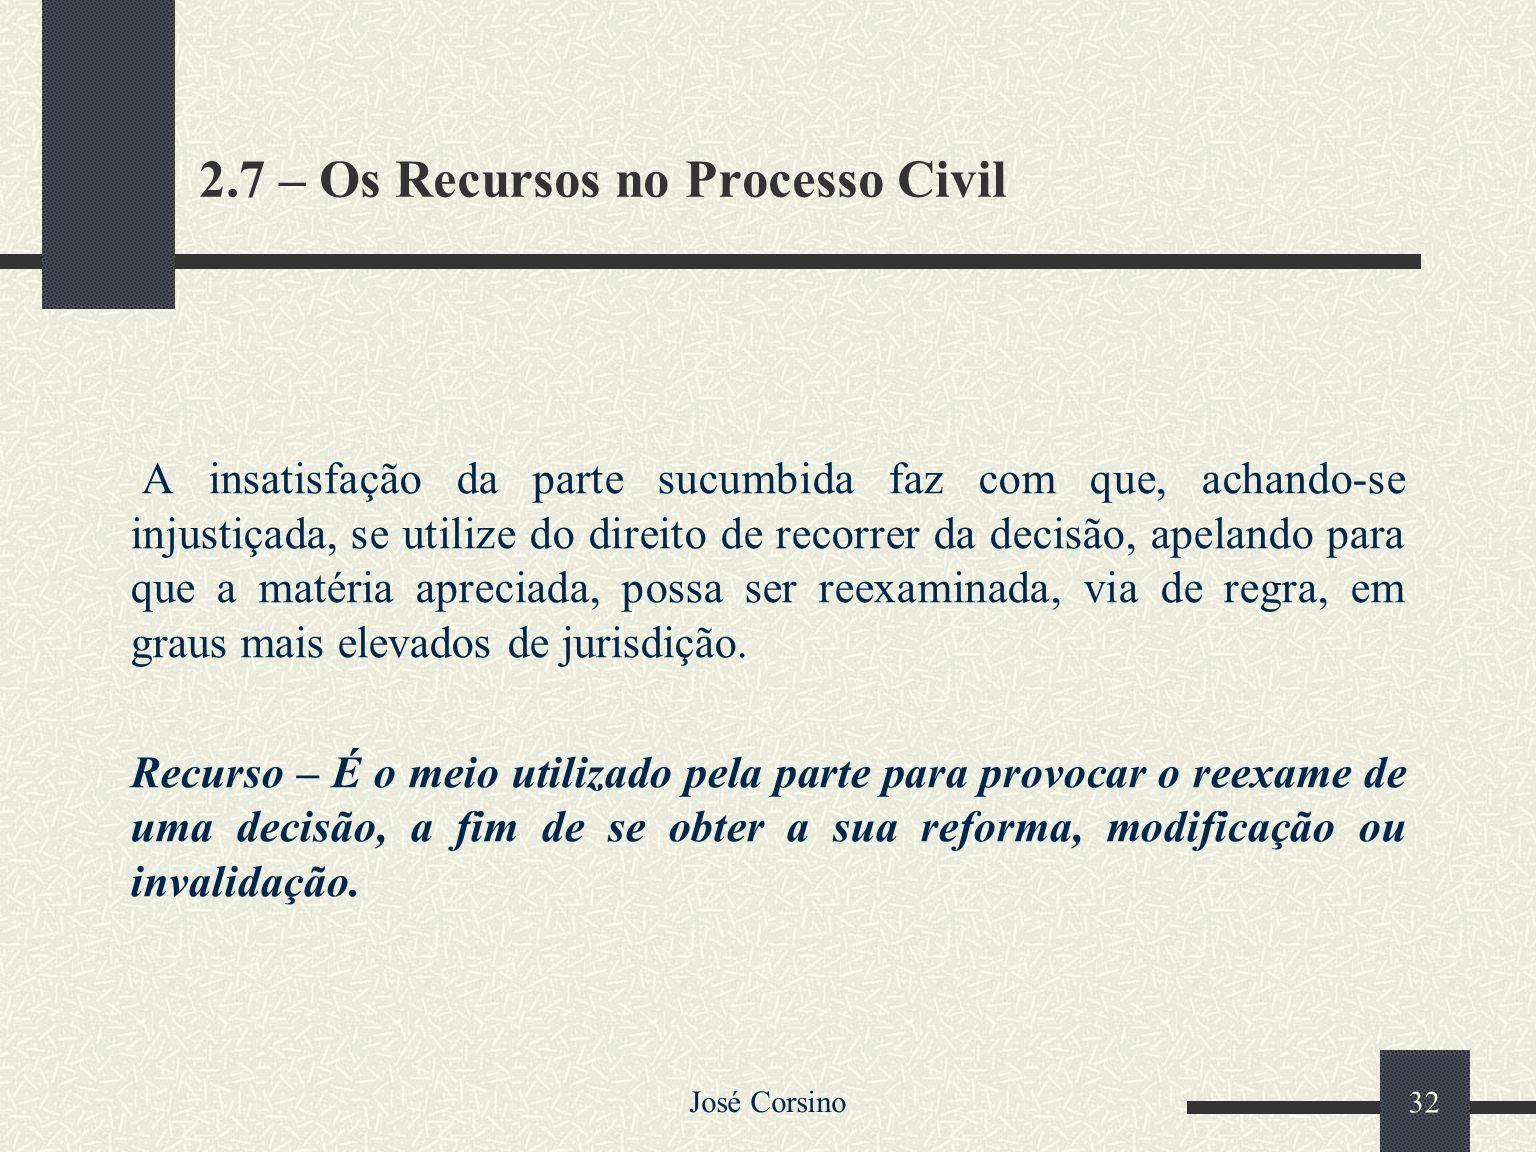 2.7 – Os Recursos no Processo Civil